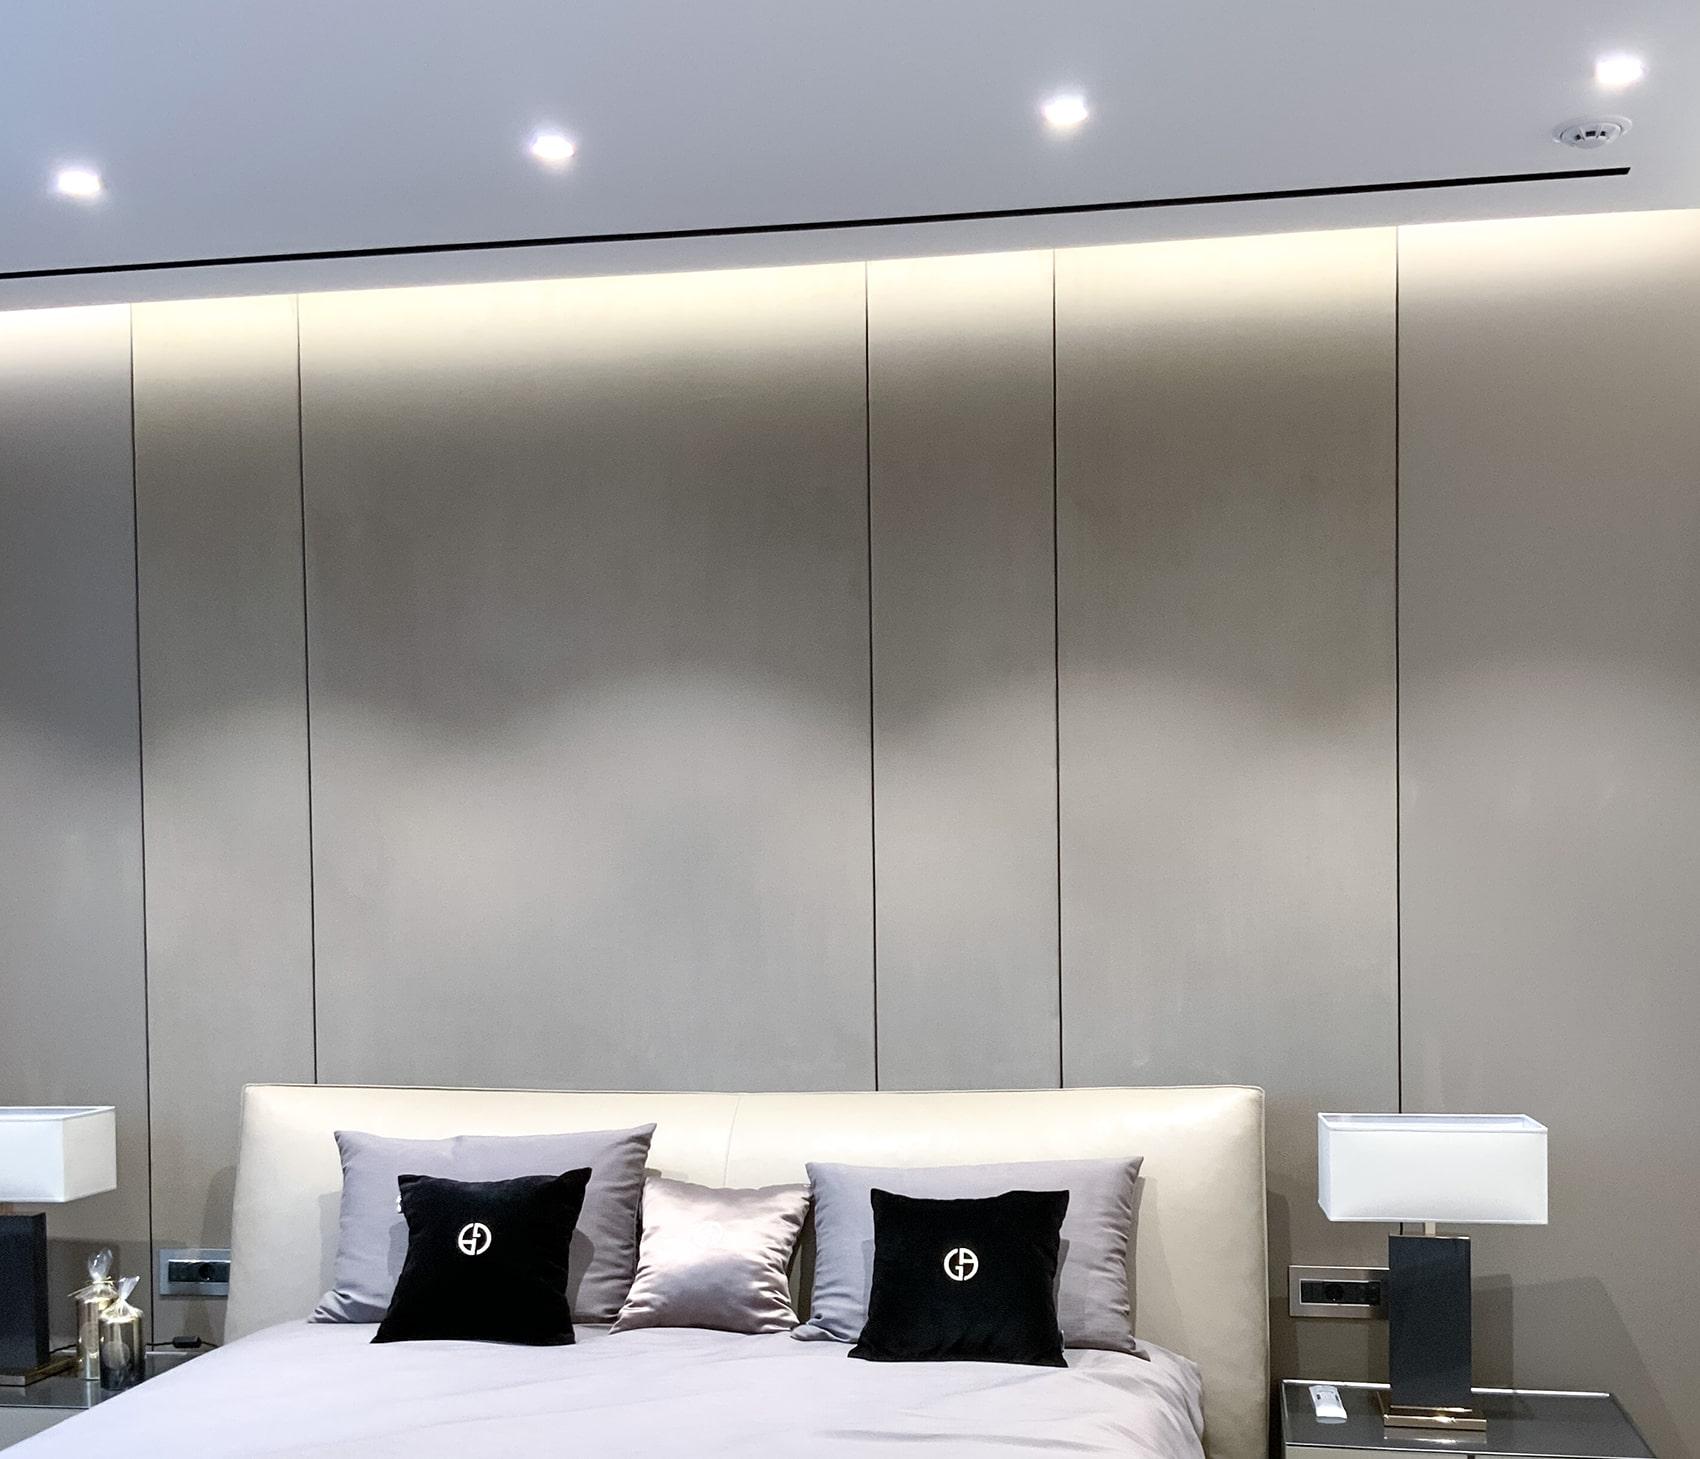 Системы вентиляции и кондиционирования в спальне